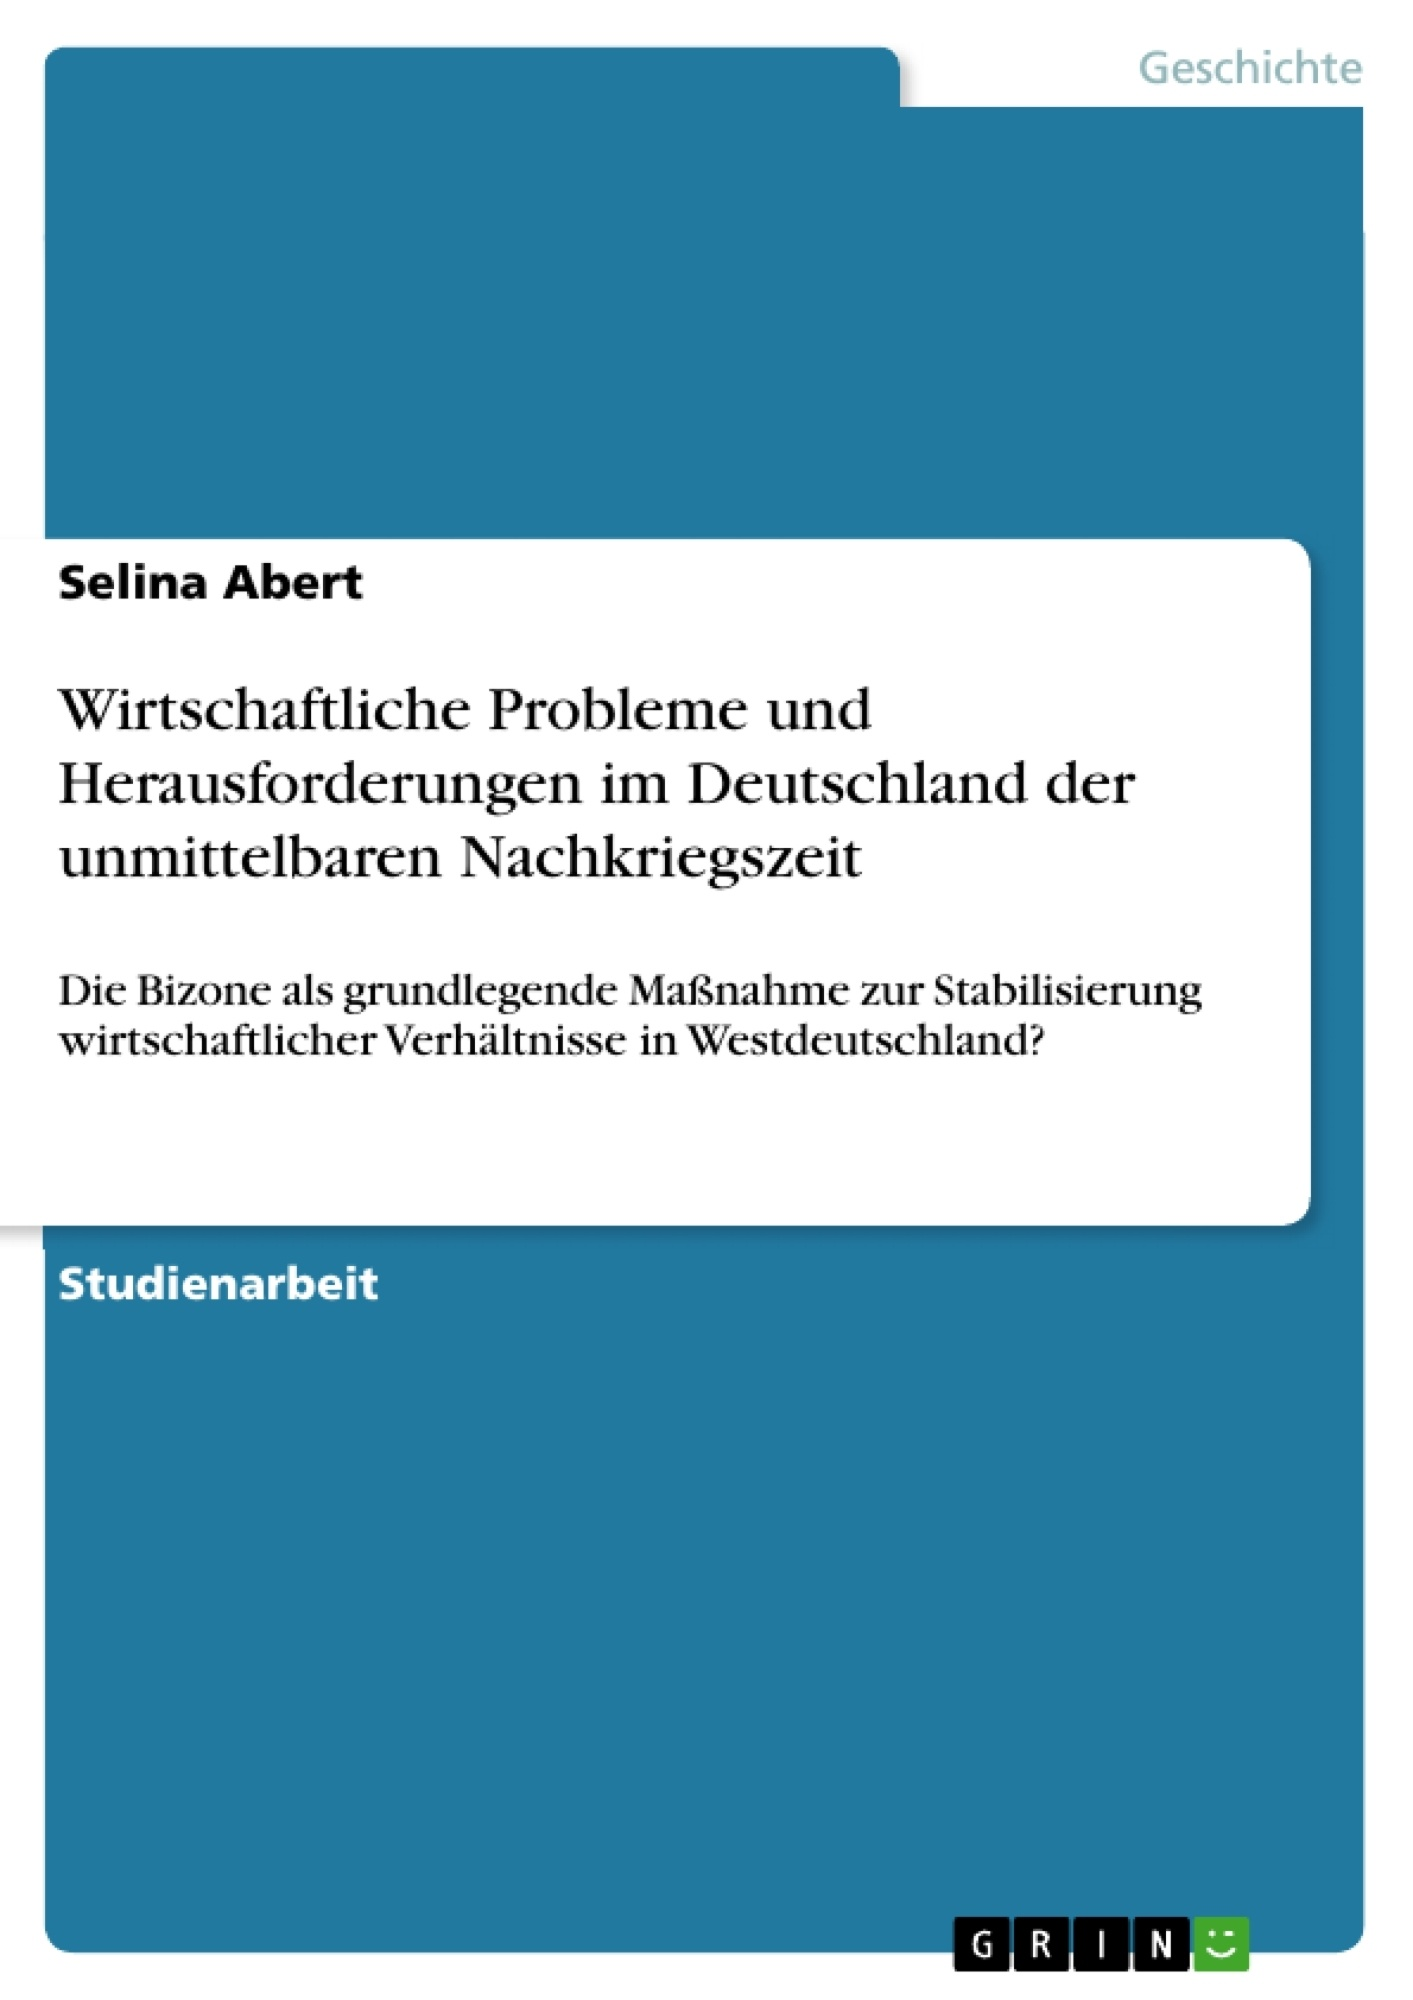 Titel: Wirtschaftliche Probleme und Herausforderungen im Deutschland der unmittelbaren Nachkriegszeit